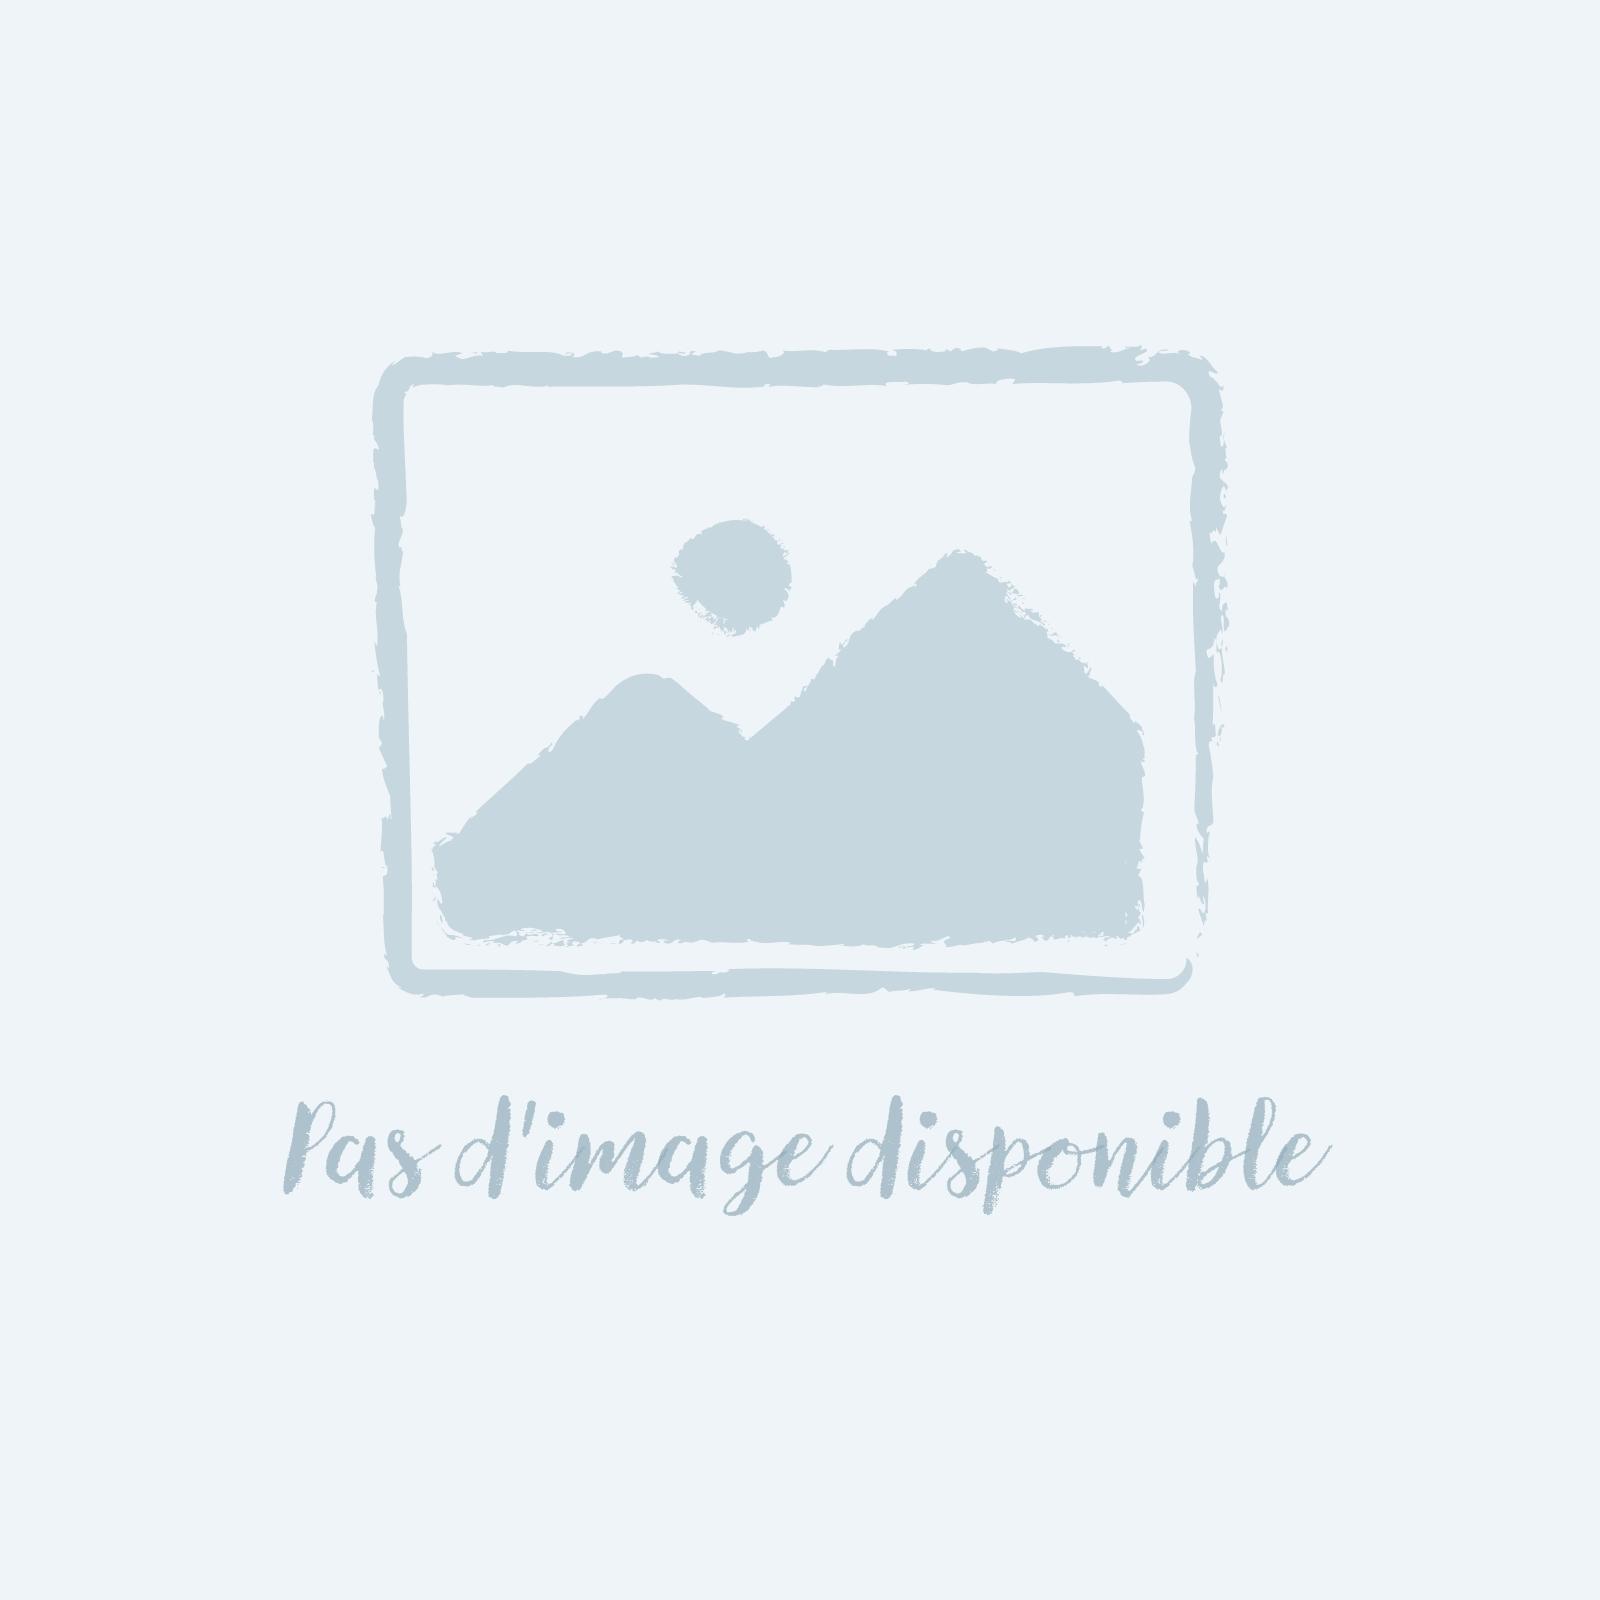 """Gerflor Creation 55 Clic """"0795 Swiss oak cashmere"""" - Lame PVC clipsable"""